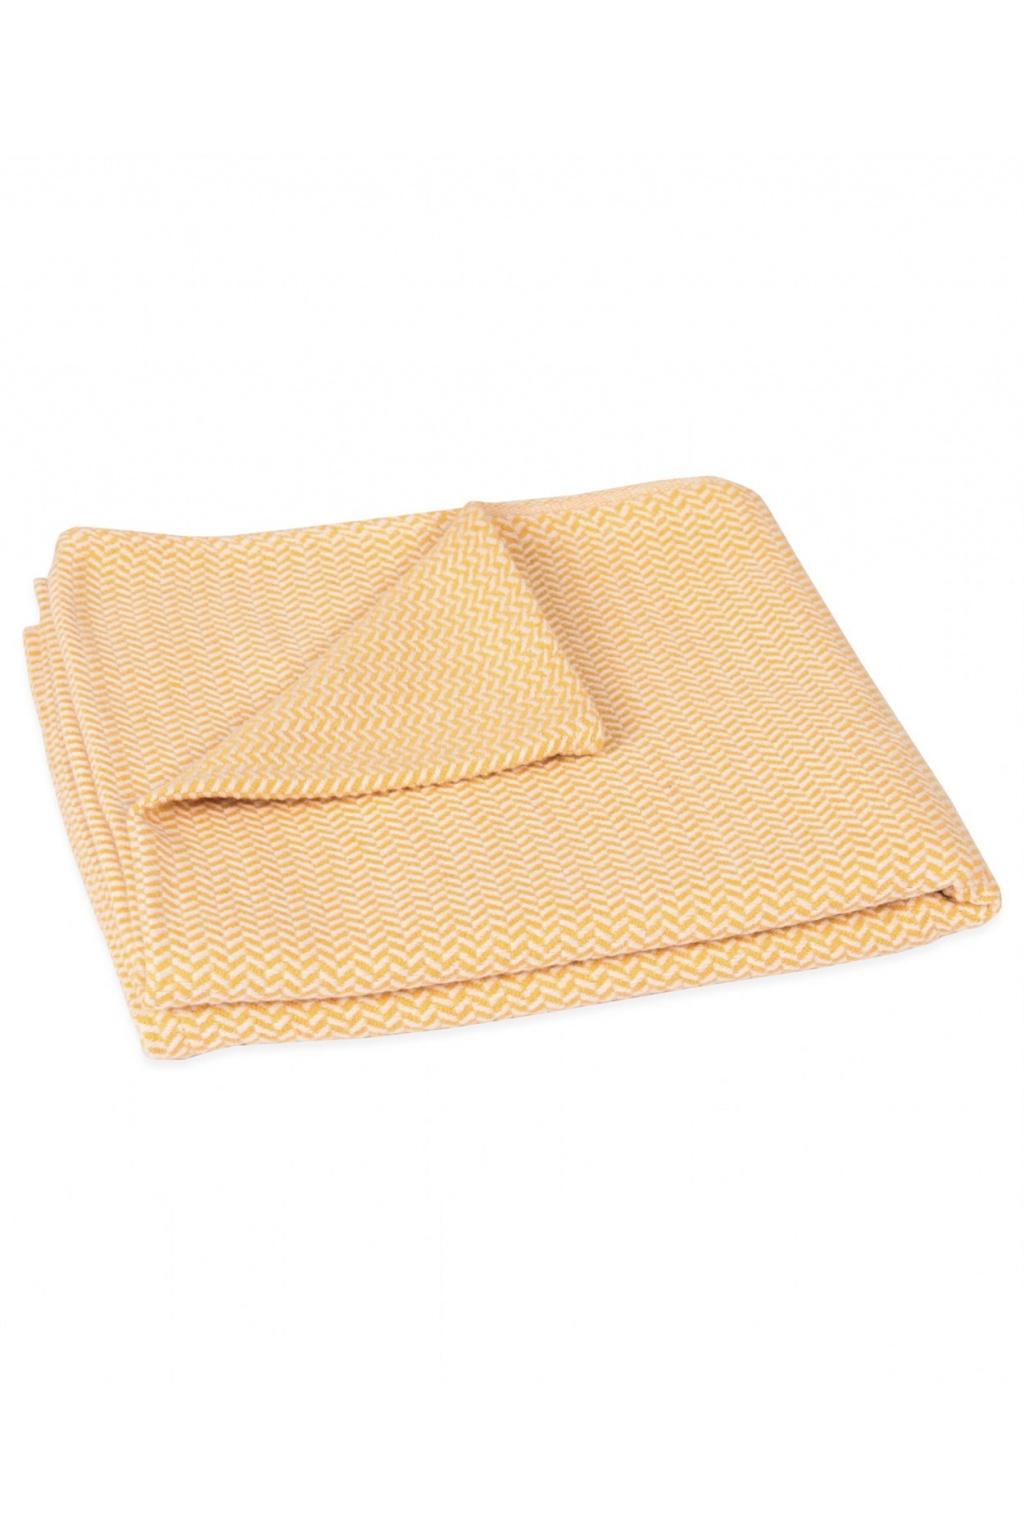 Luxusní dětská kojenecká deka